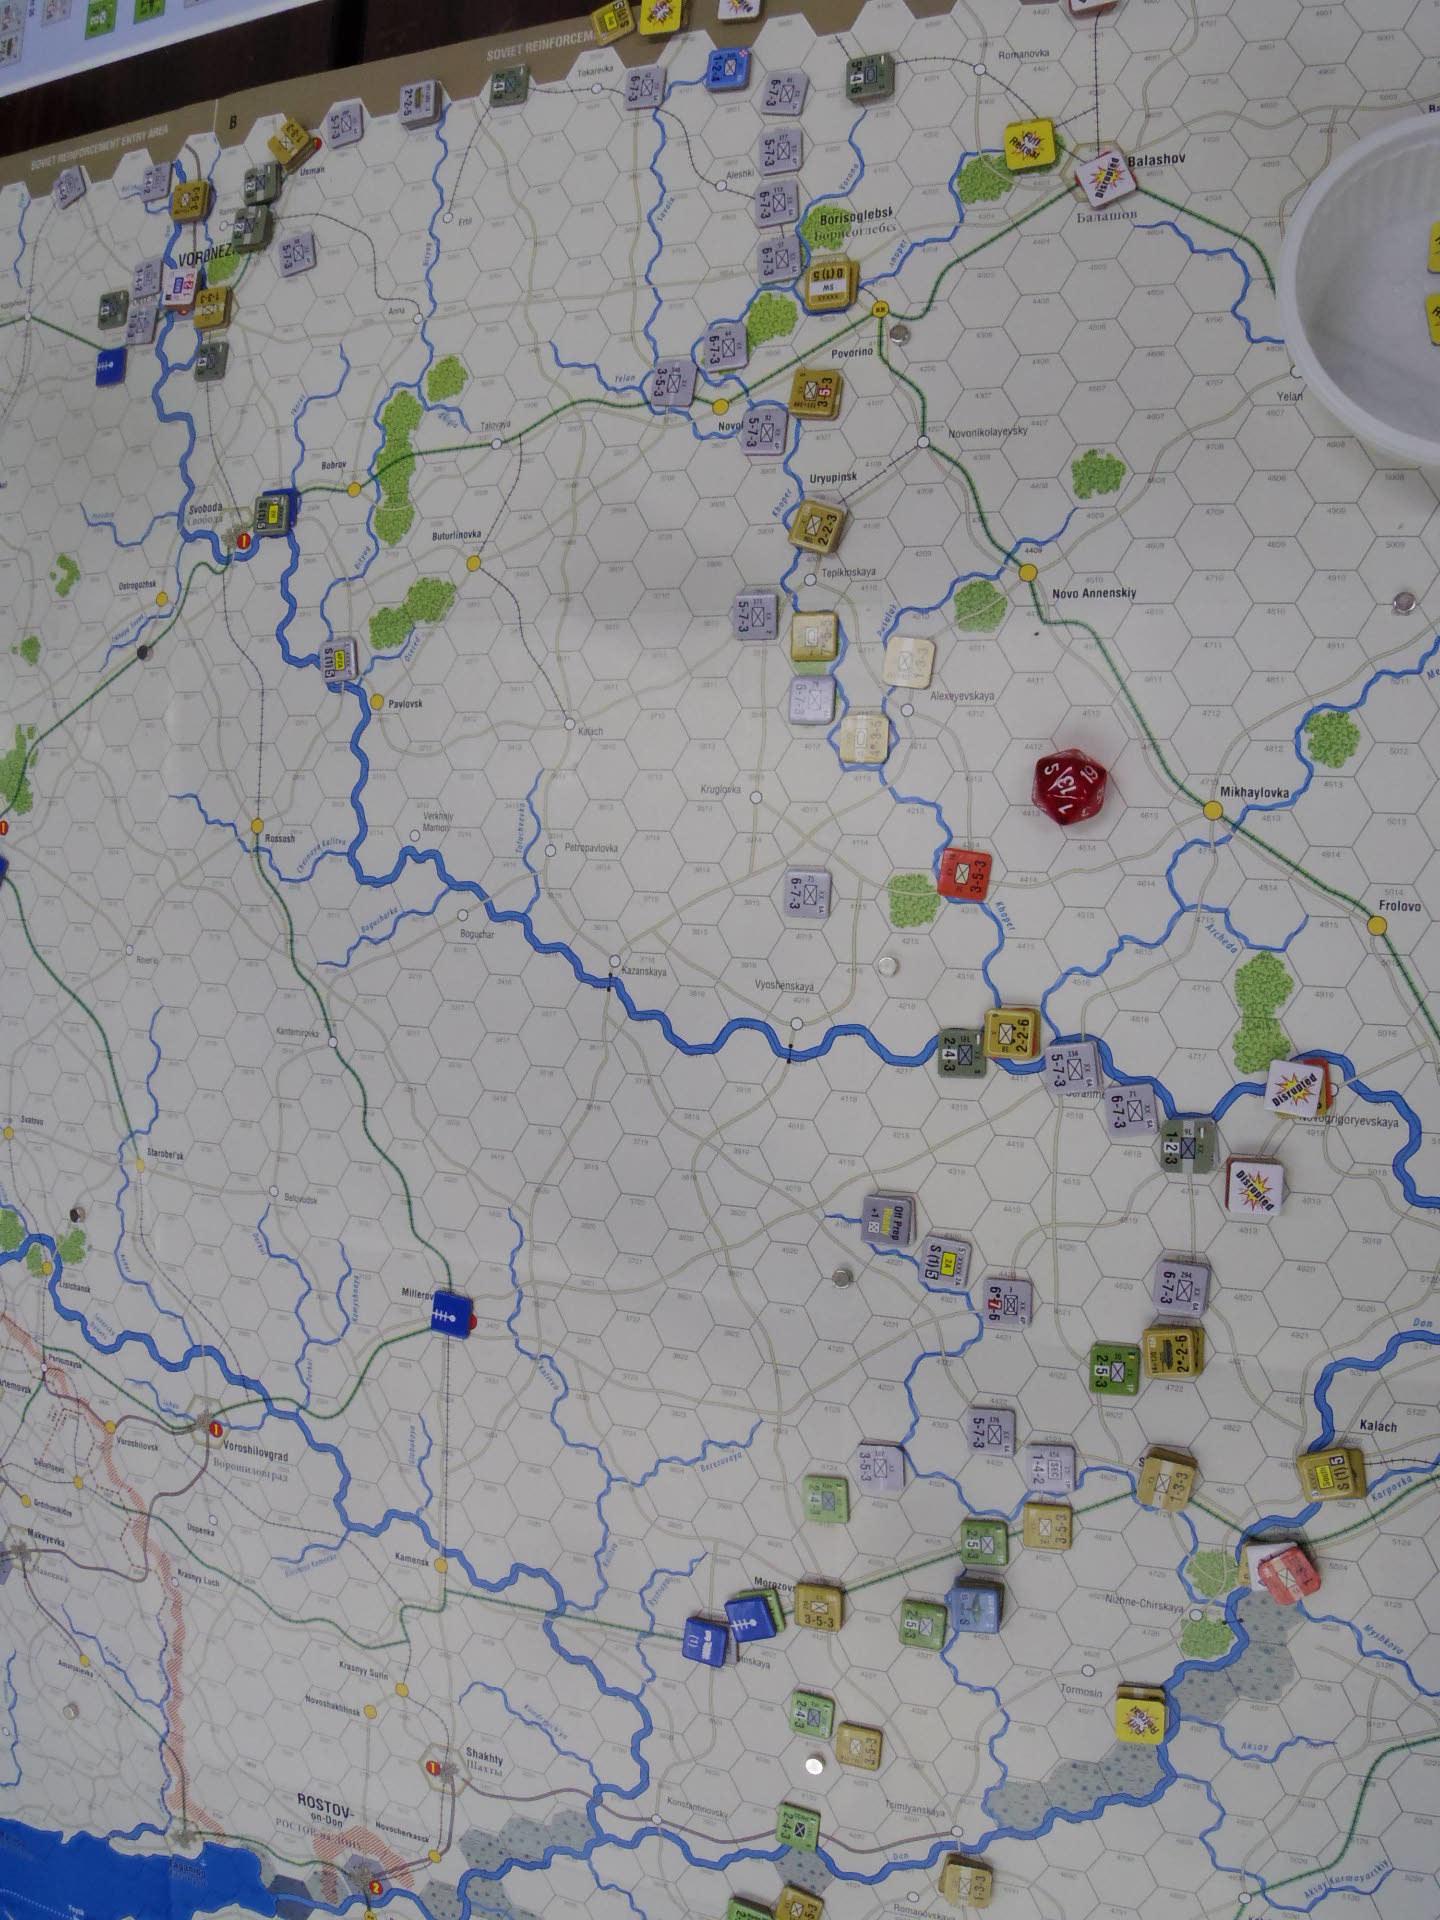 2020.01.12(日)YSGA新春初例会⑶二日目...(GMT)Stalingrad\'42キャンペーン第1班の➋_b0173672_19490690.jpg